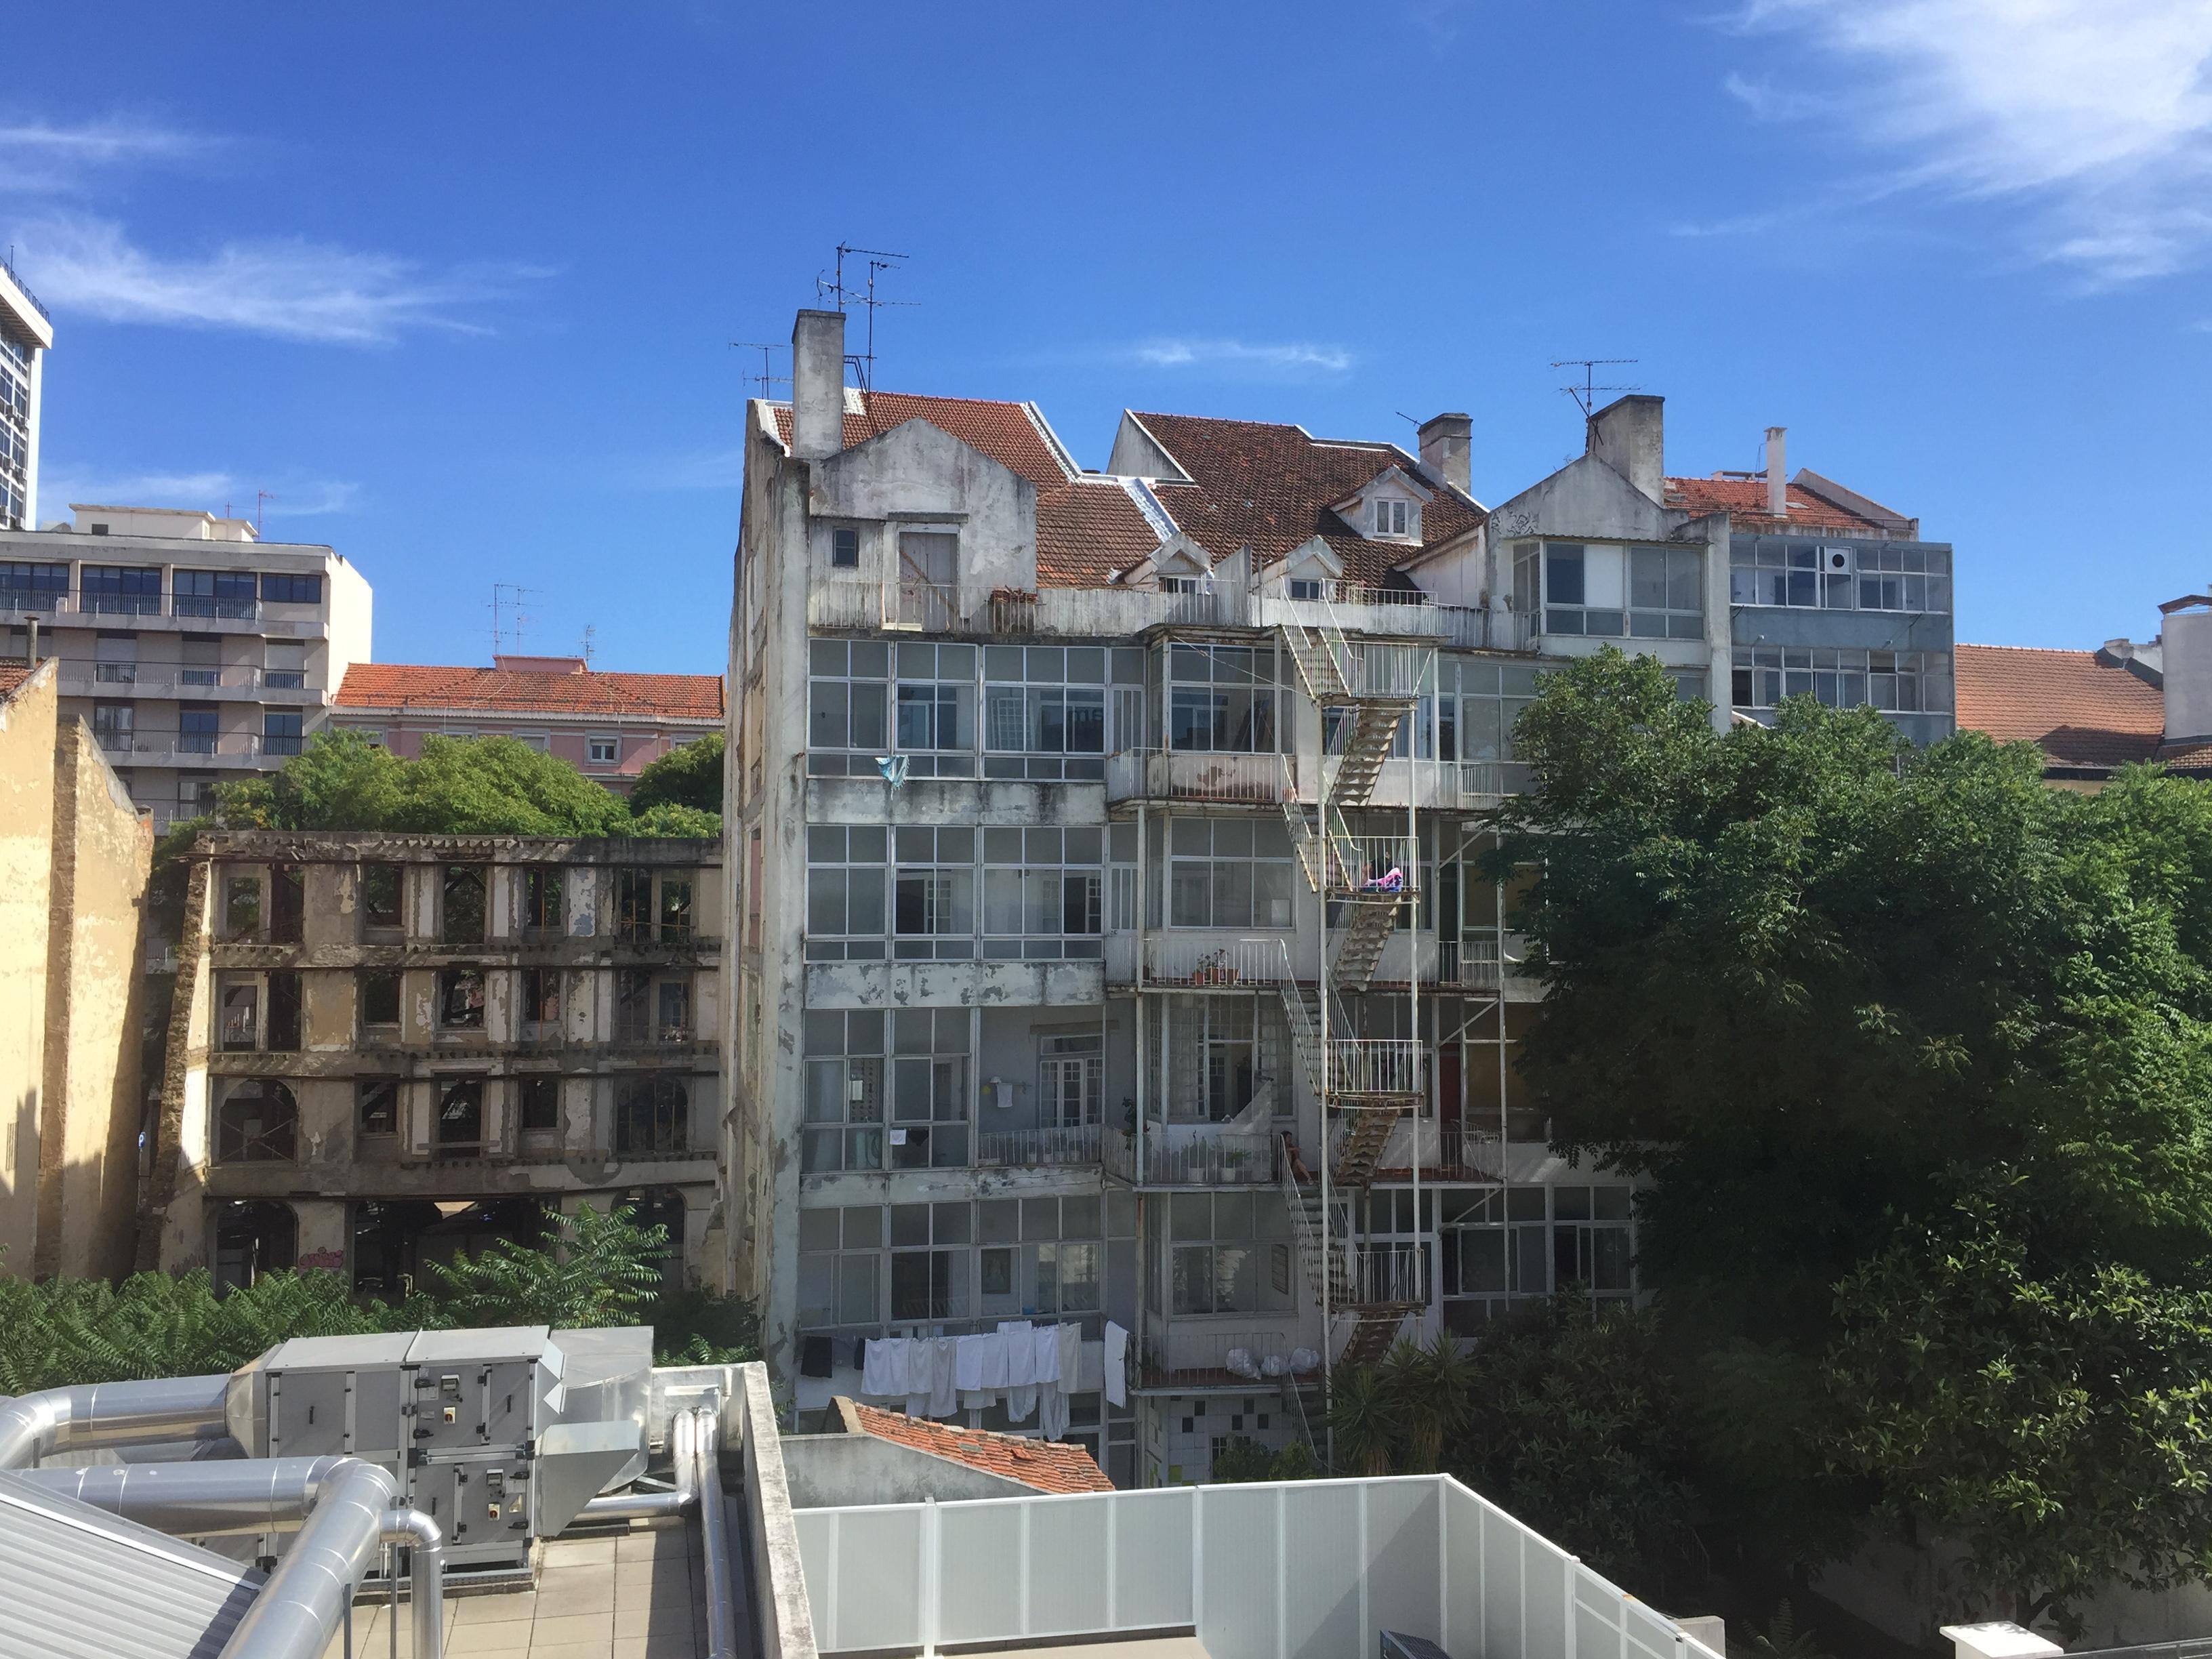 Avenida Elias Garcia: fotos do edifício um ano antes de cair